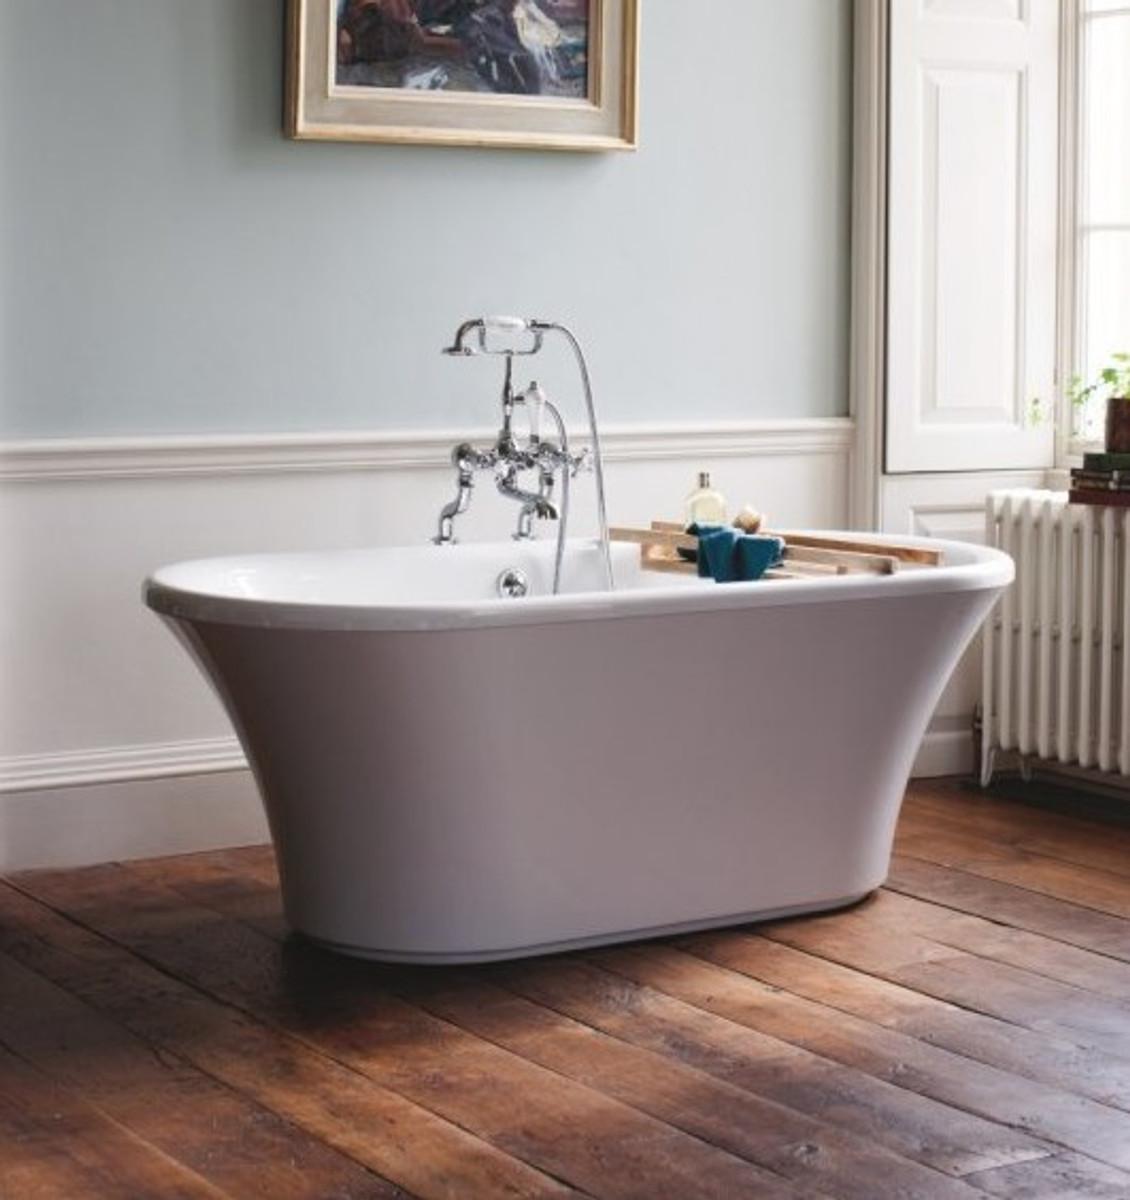 casa padrino badewanne freistehend 1700mm bbri freistehende retro antik badewanne kaufen bei. Black Bedroom Furniture Sets. Home Design Ideas